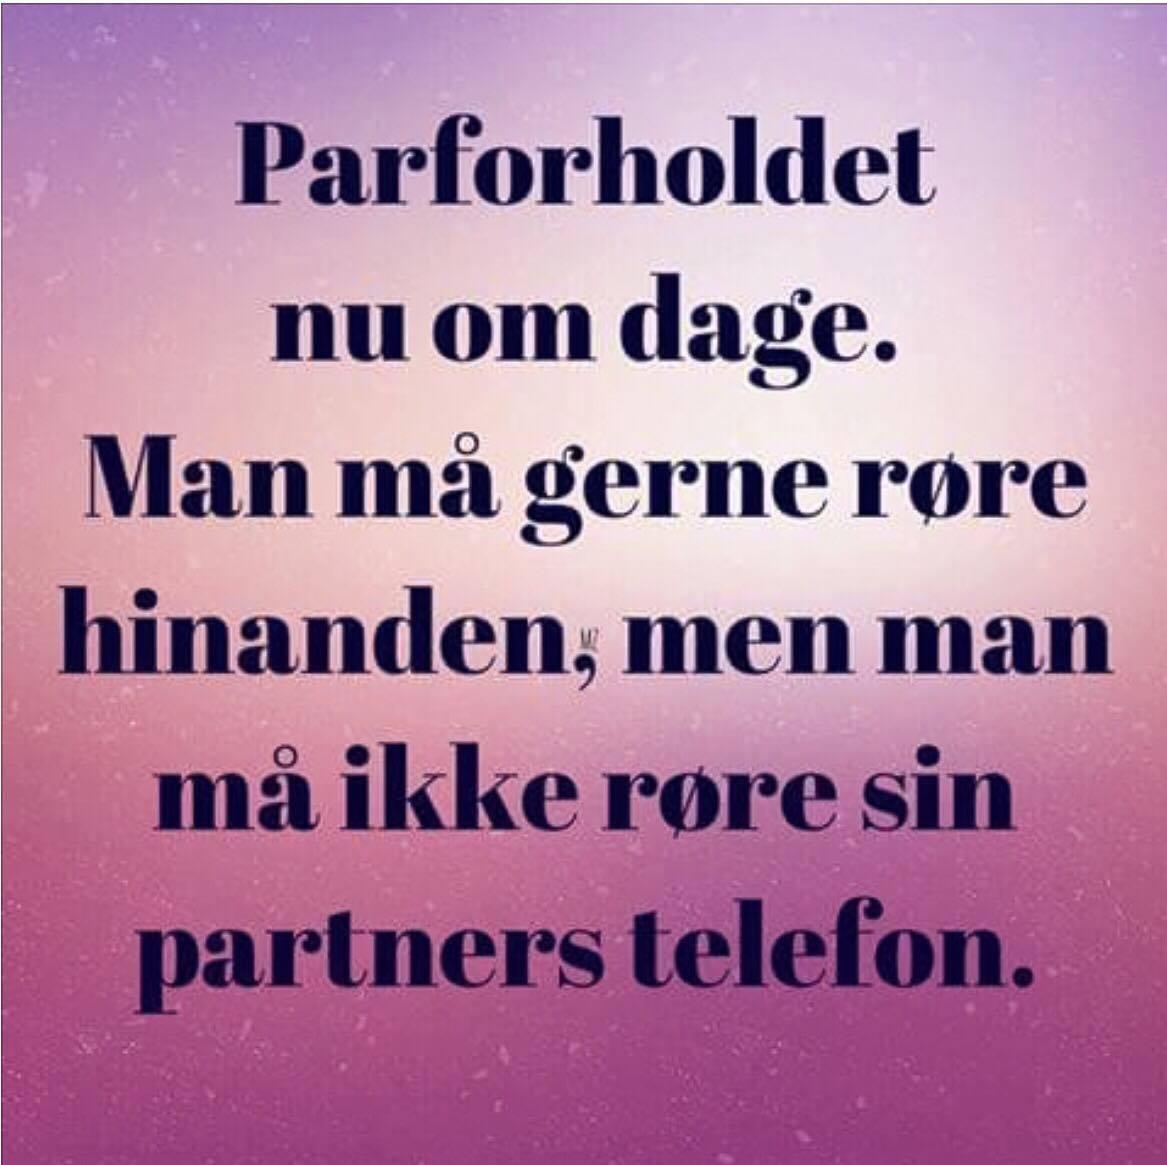 citater om parforhold parforholdet   Danmarks bedste citater, Sjove og gode ordsprog  citater om parforhold